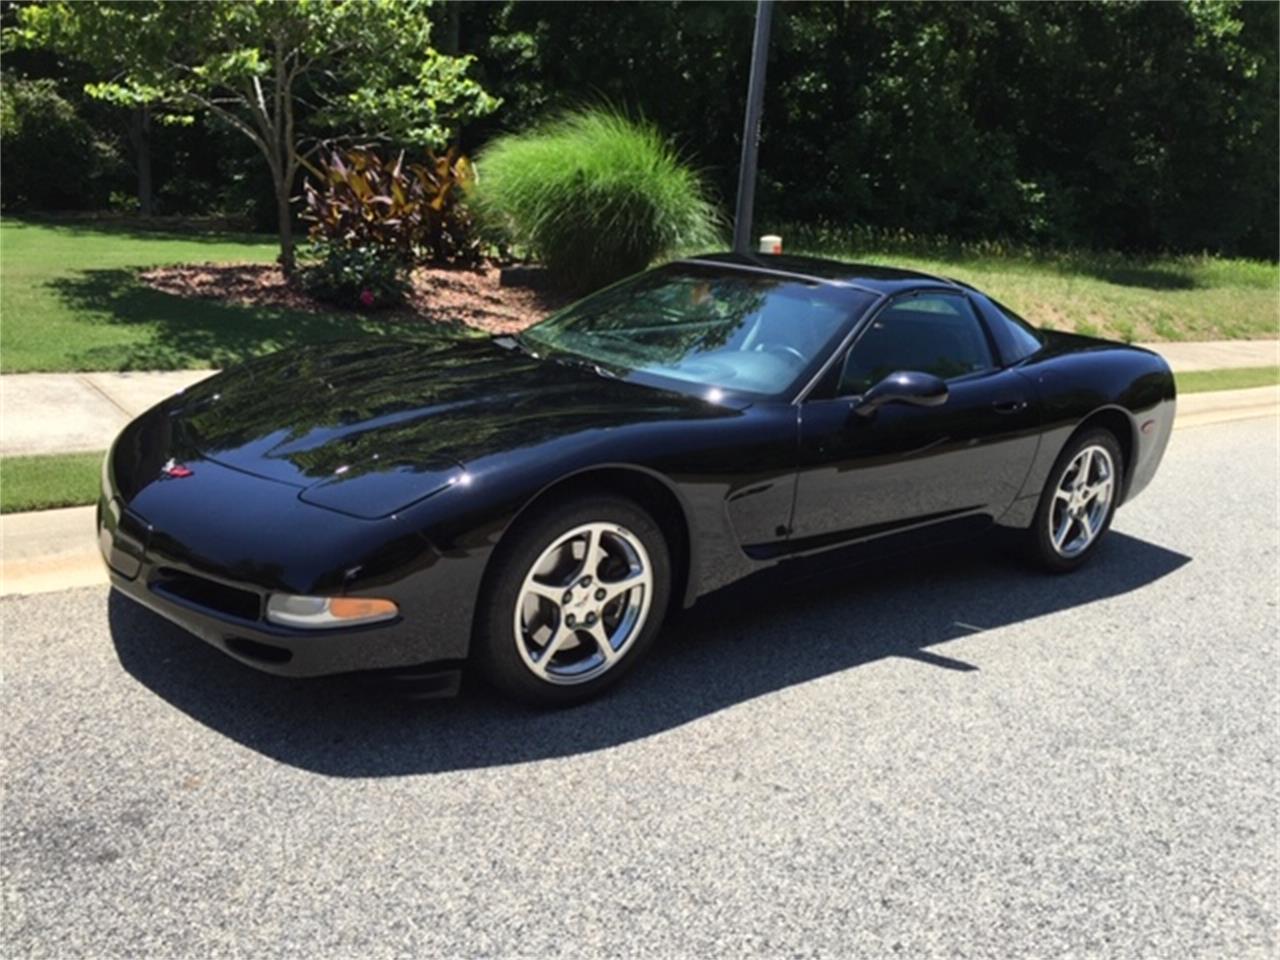 2002 Chevrolet Corvette (CC-1186500) for sale in Jefferson, Georgia